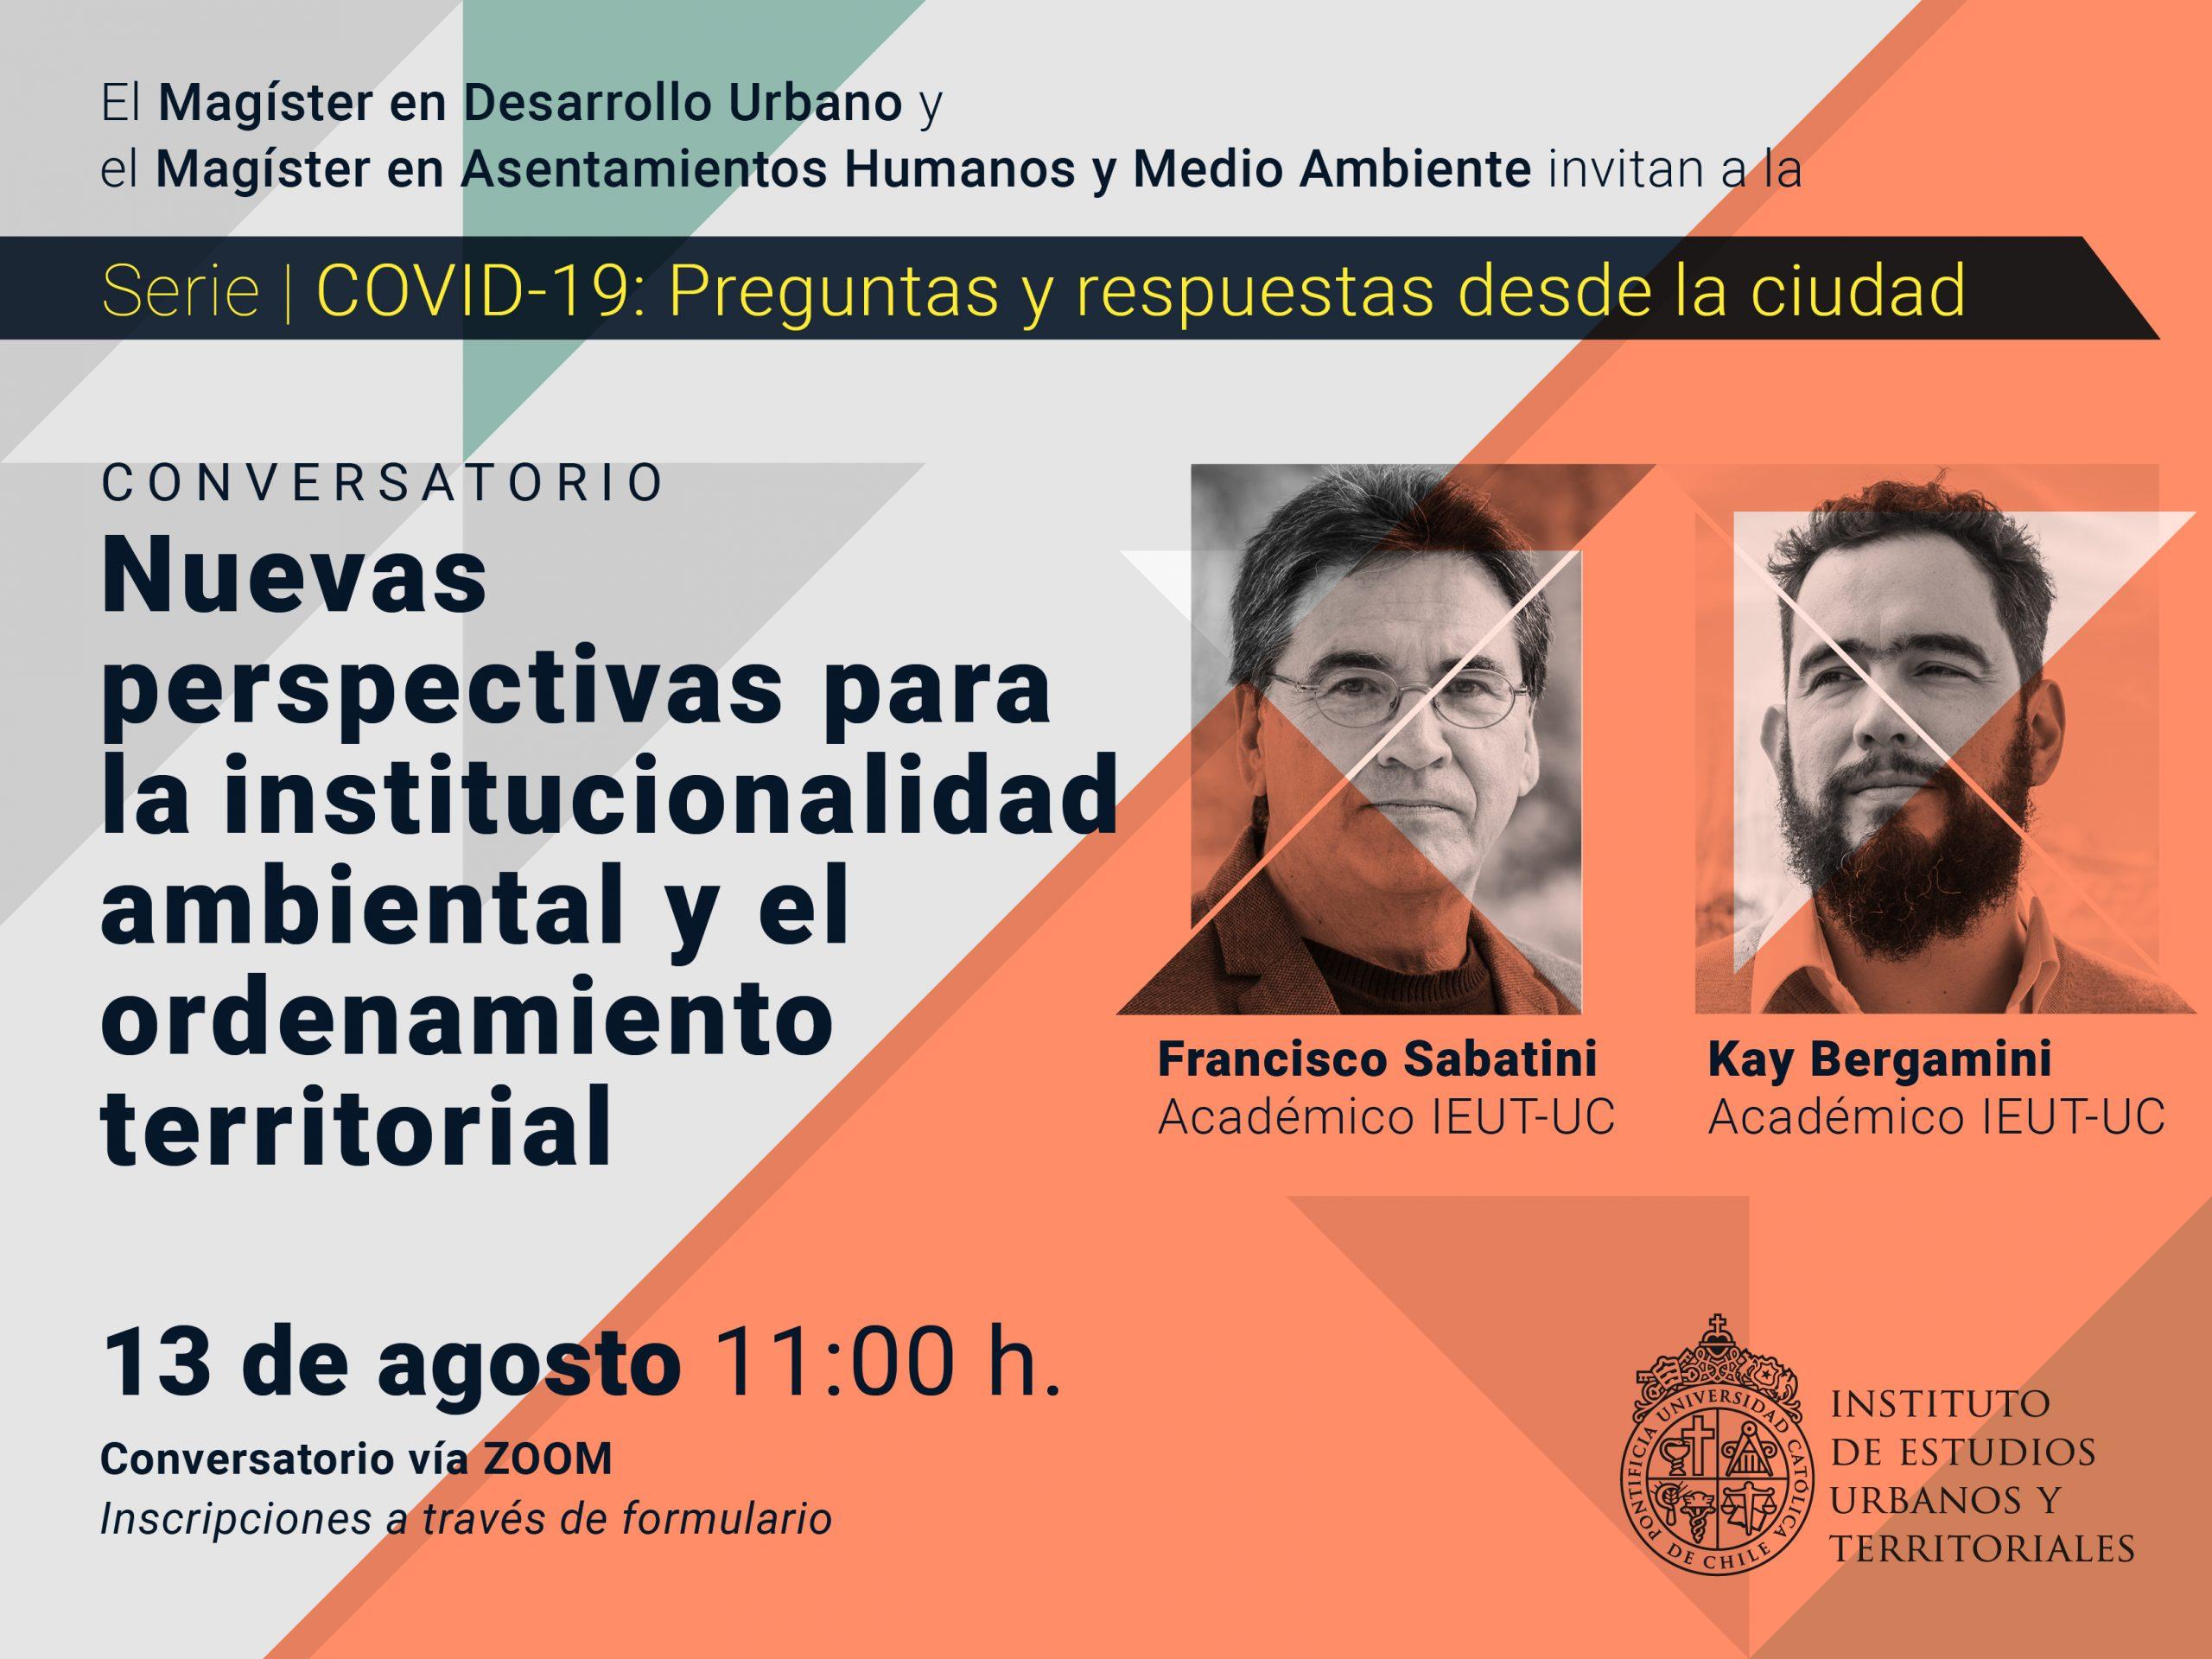 Serie   COVID-19: preguntas y respuestas desde la ciudad. Conversatorio: Nuevas perspectivas para la institucionalidad ambiental y el ordenamiento territorial